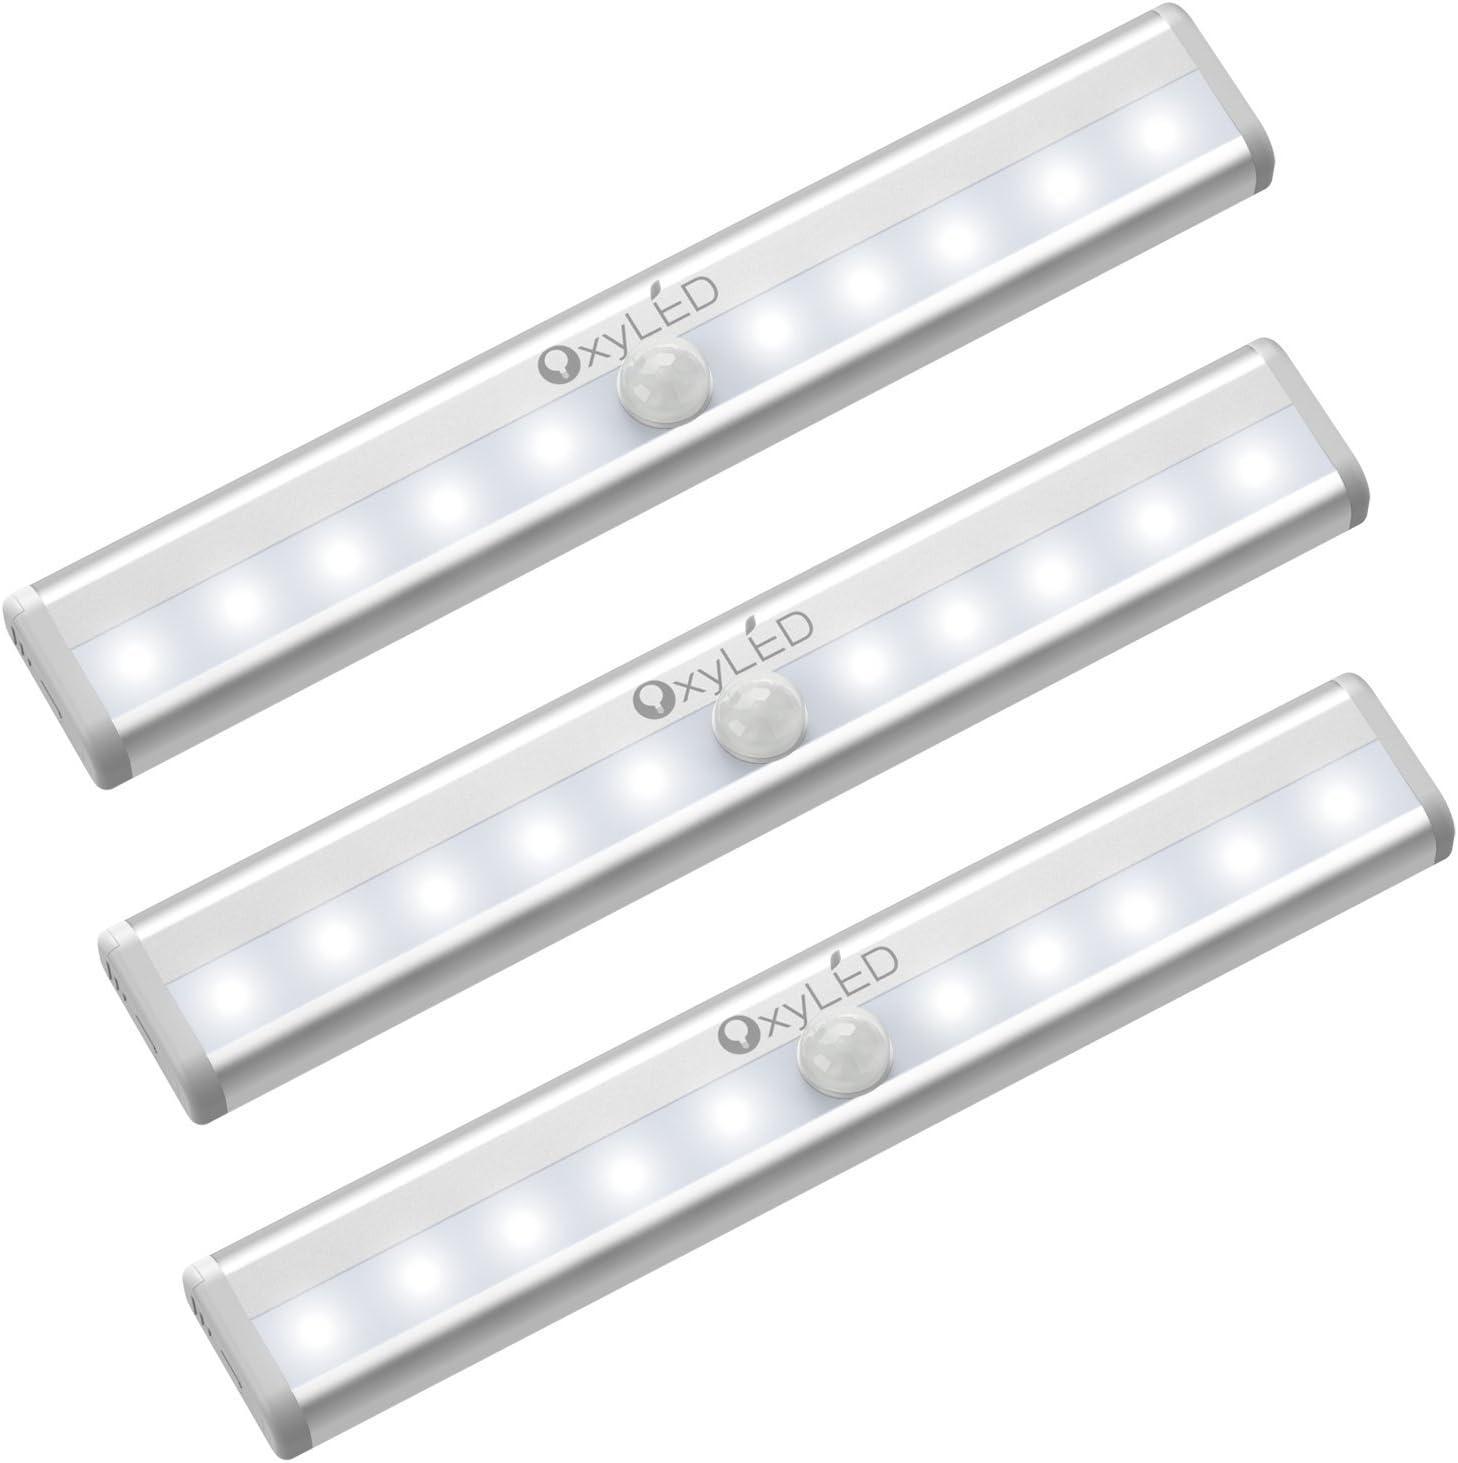 OxyLED Sensor luz del armario,LED luz del armario,bajo el armario,funciona con batería de iluminación con tira magnética pegada, auto encendido/apagado pegado en cualquier lugar,10 LED,3 unidades